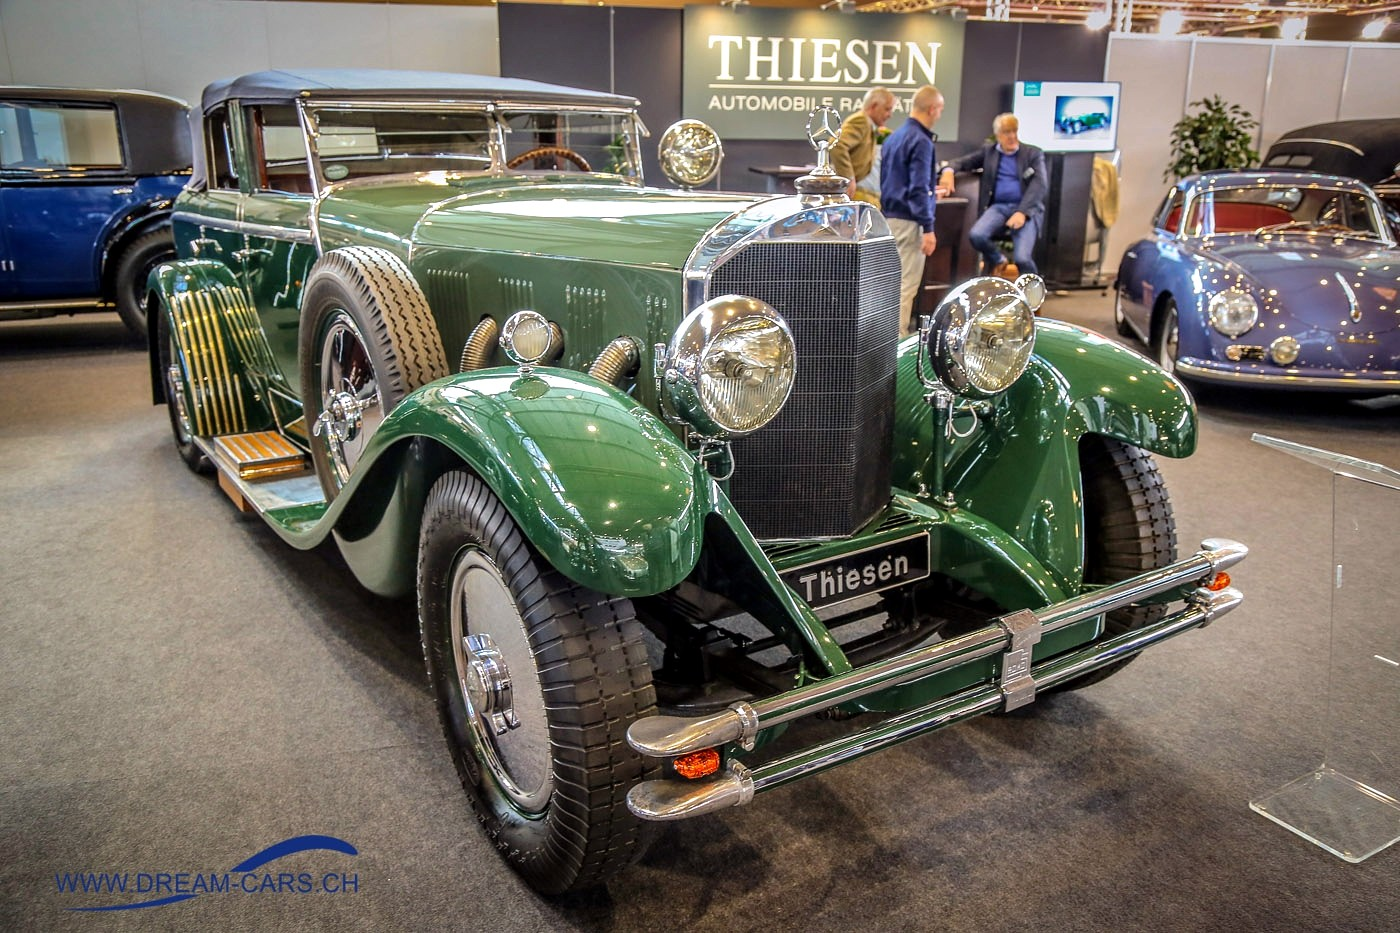 Mercedes-Benz 630 K 1928, mit einer Karosserie von Saoutchik